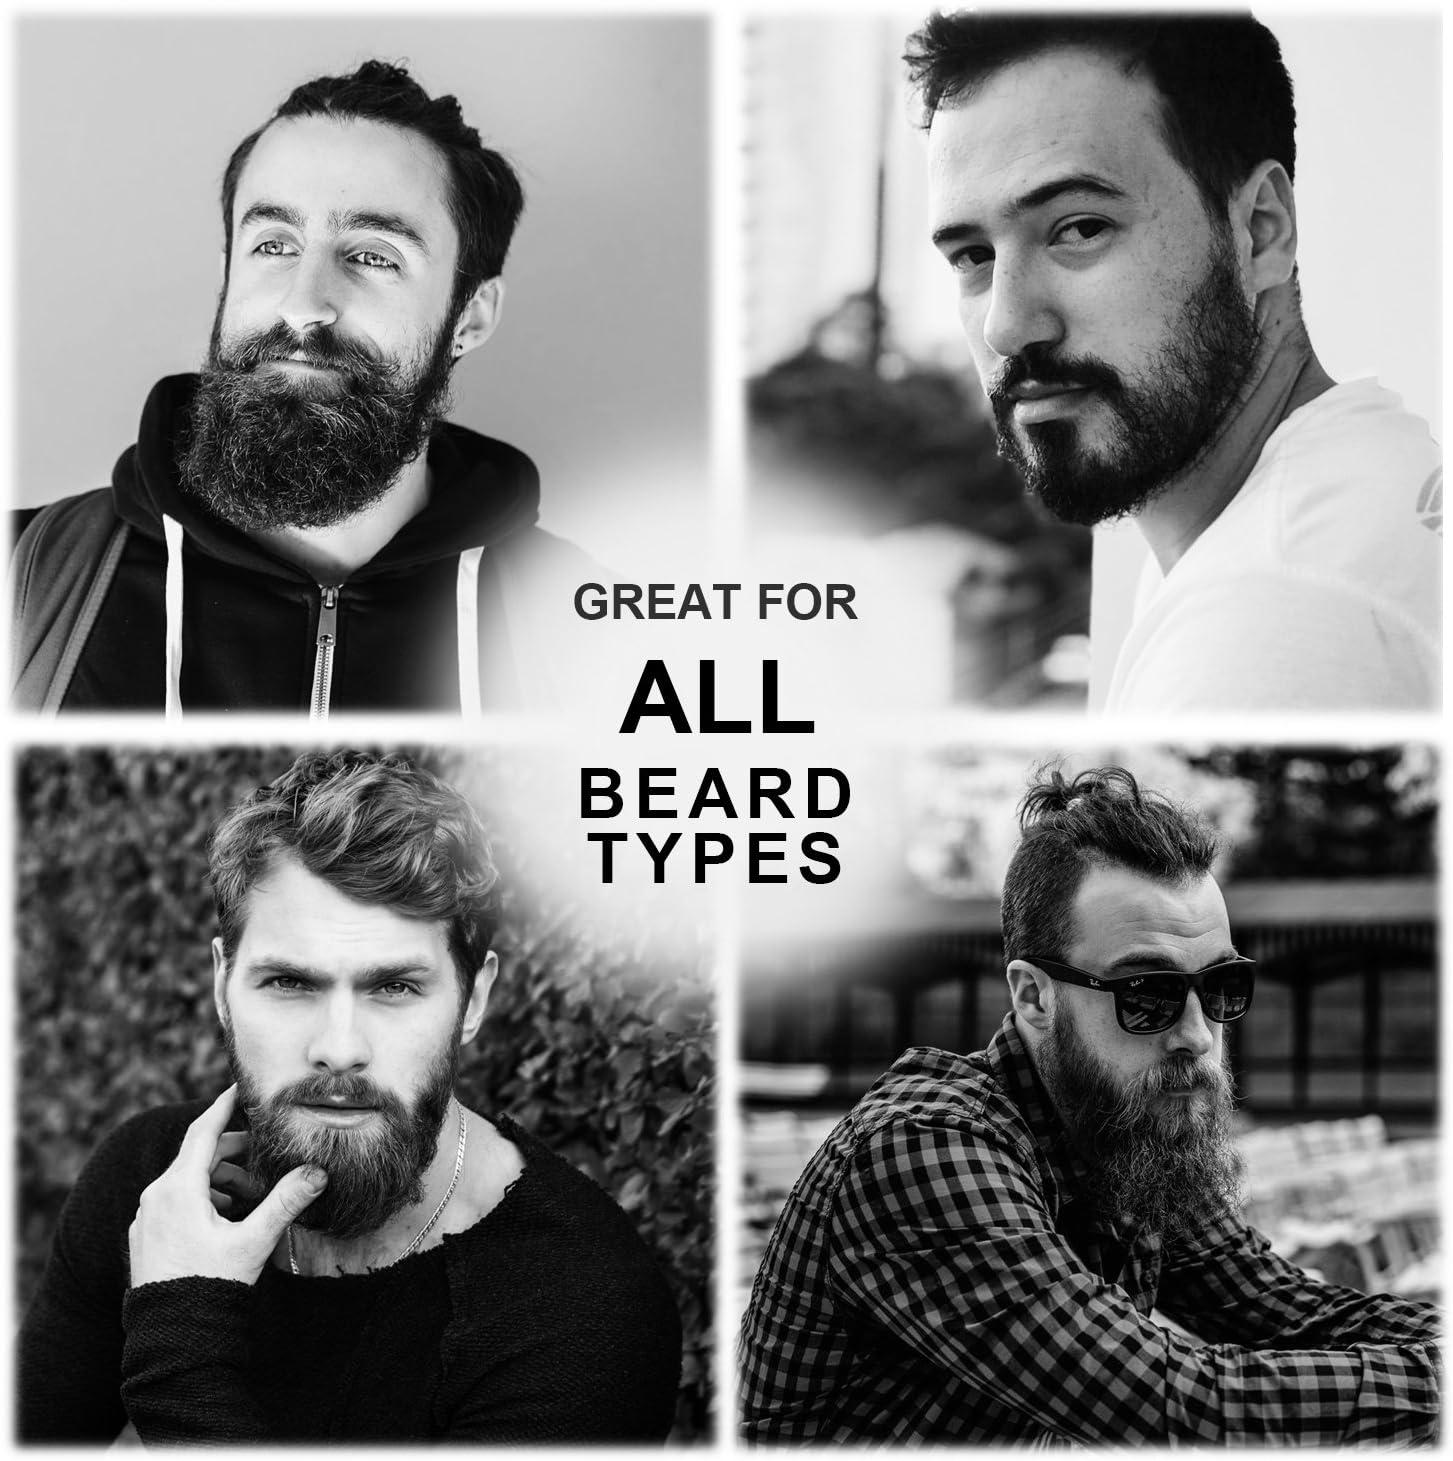 BFWood Kit de Barba para Hombres – Cepillo de Barba Cerdas de Jabalí para Viaje + Peine de Barba Madera de Ébano + Bálsamo de Barba Aroma de Sándalo ...